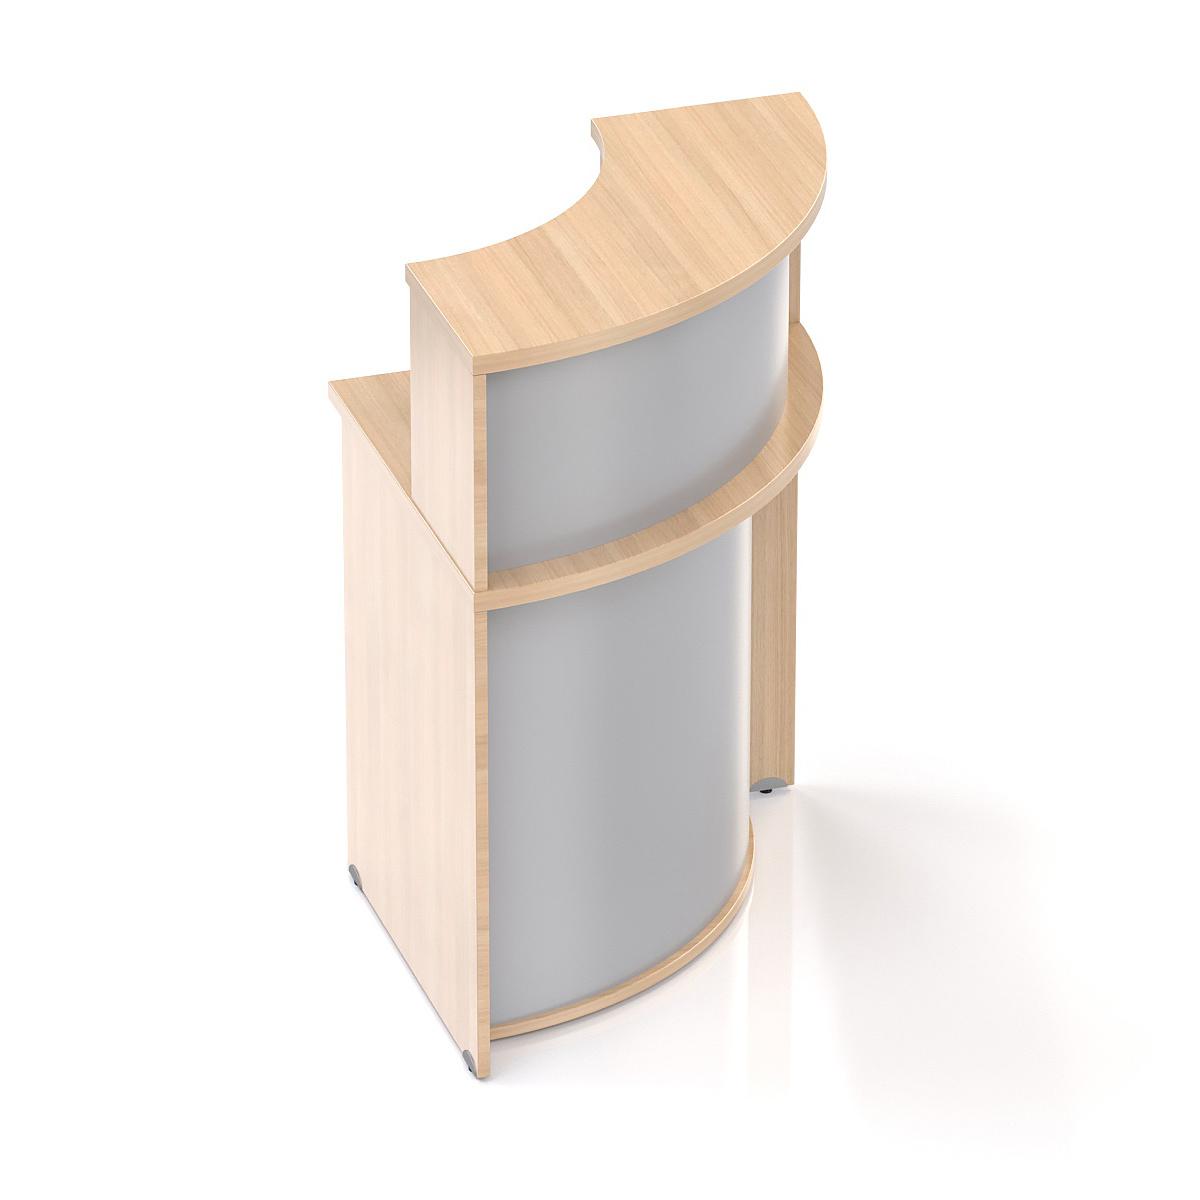 Recepčný rohový pult s nadstavbou Komfort, 70x70x111 cm - NLKA90 05